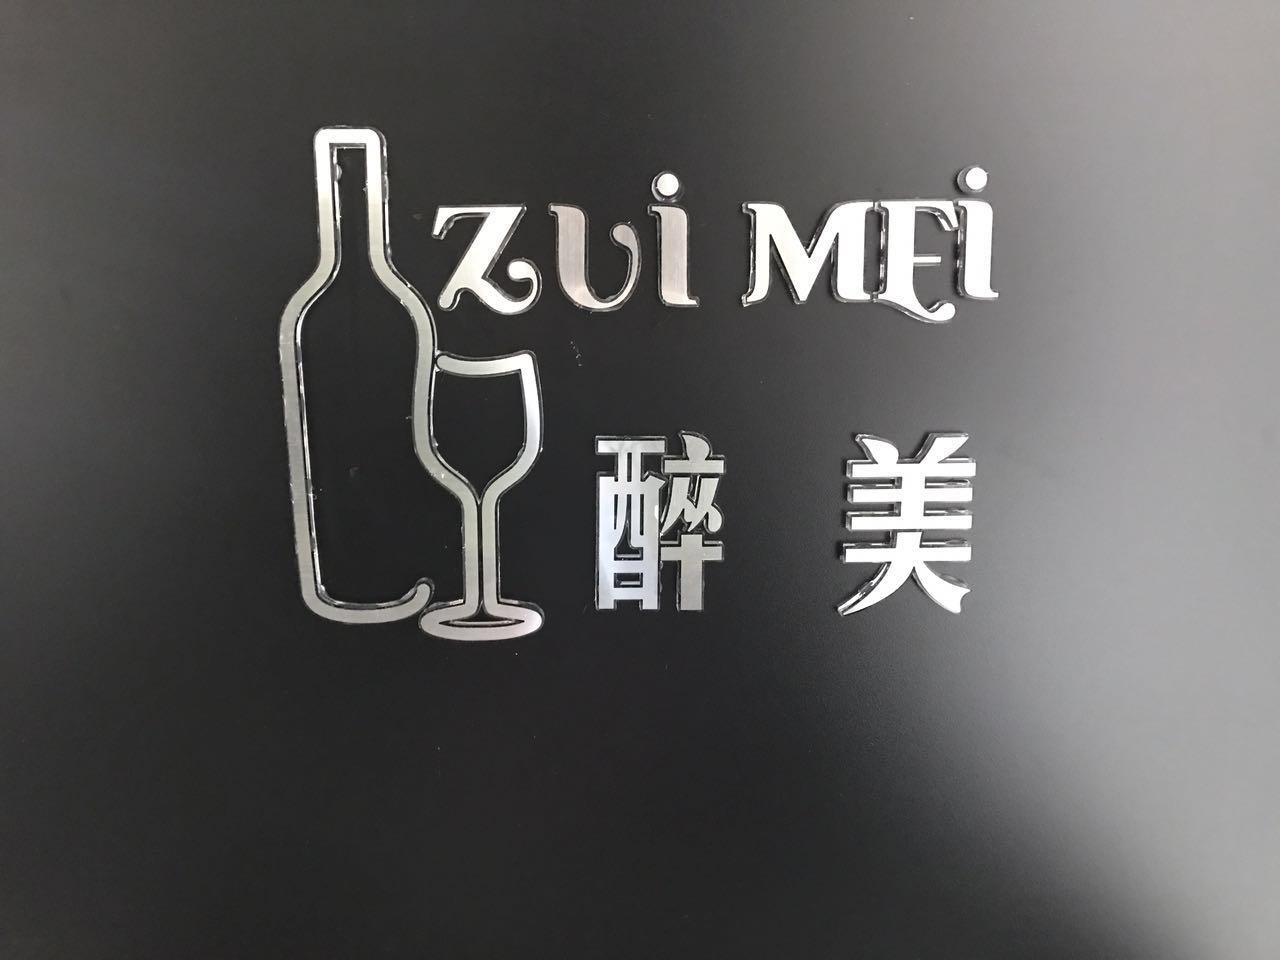 醉美酒(武汉)商贸有限公司